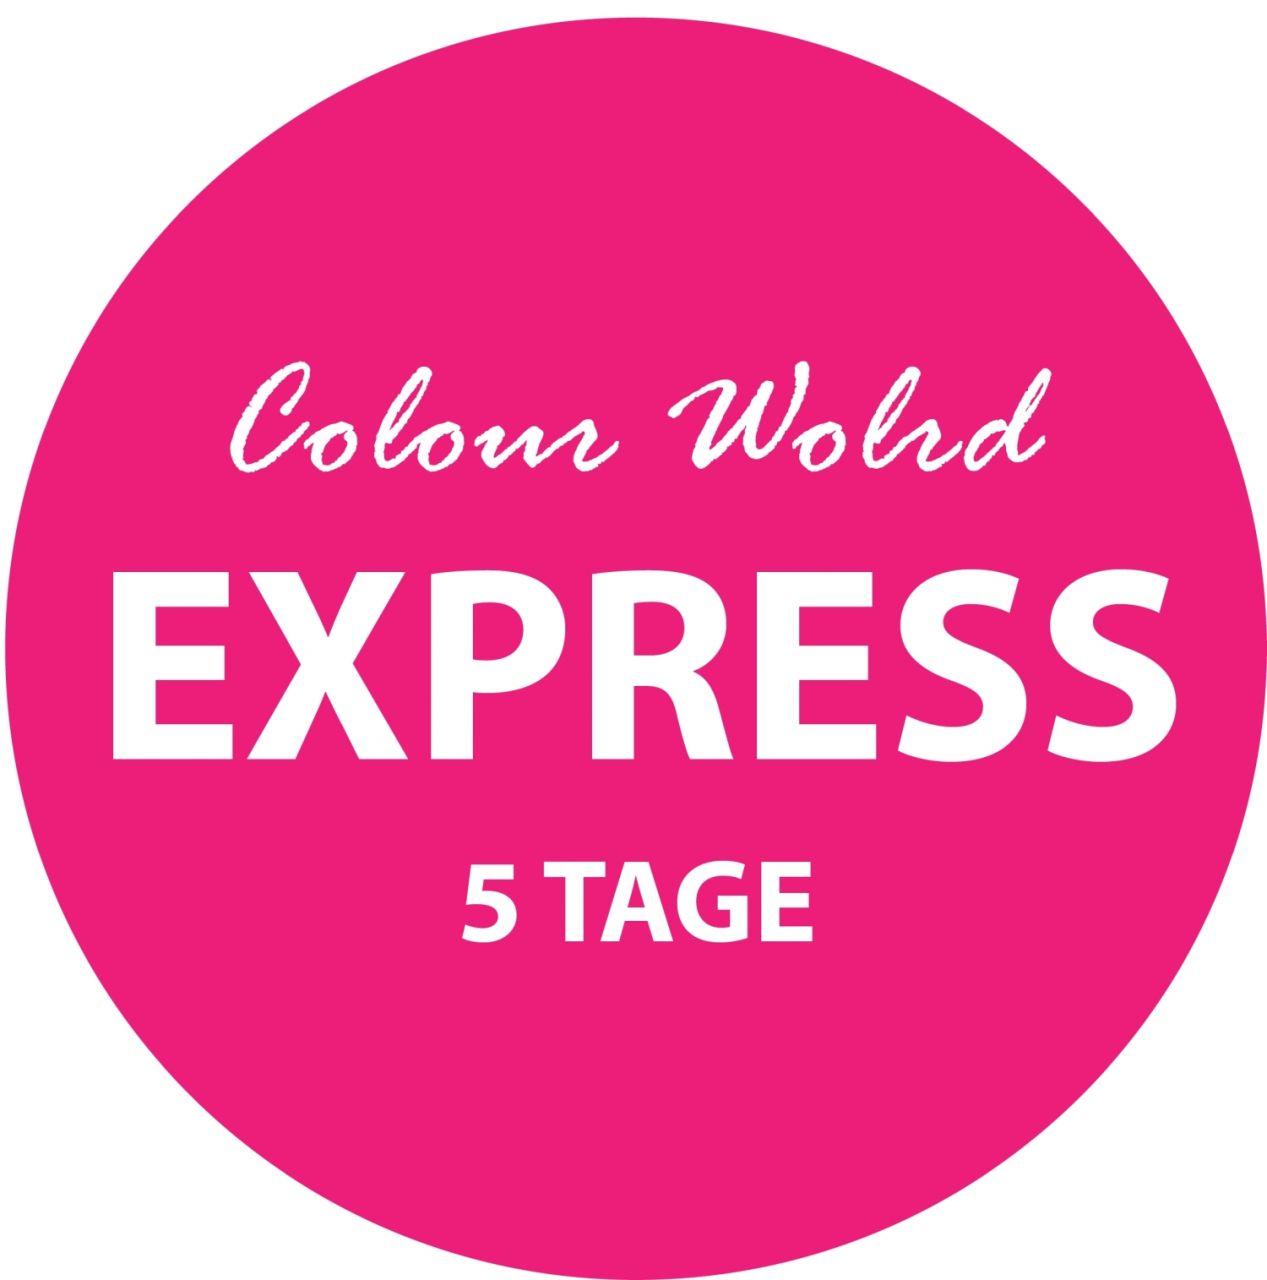 Express Färbeservice ( 5 Tage )